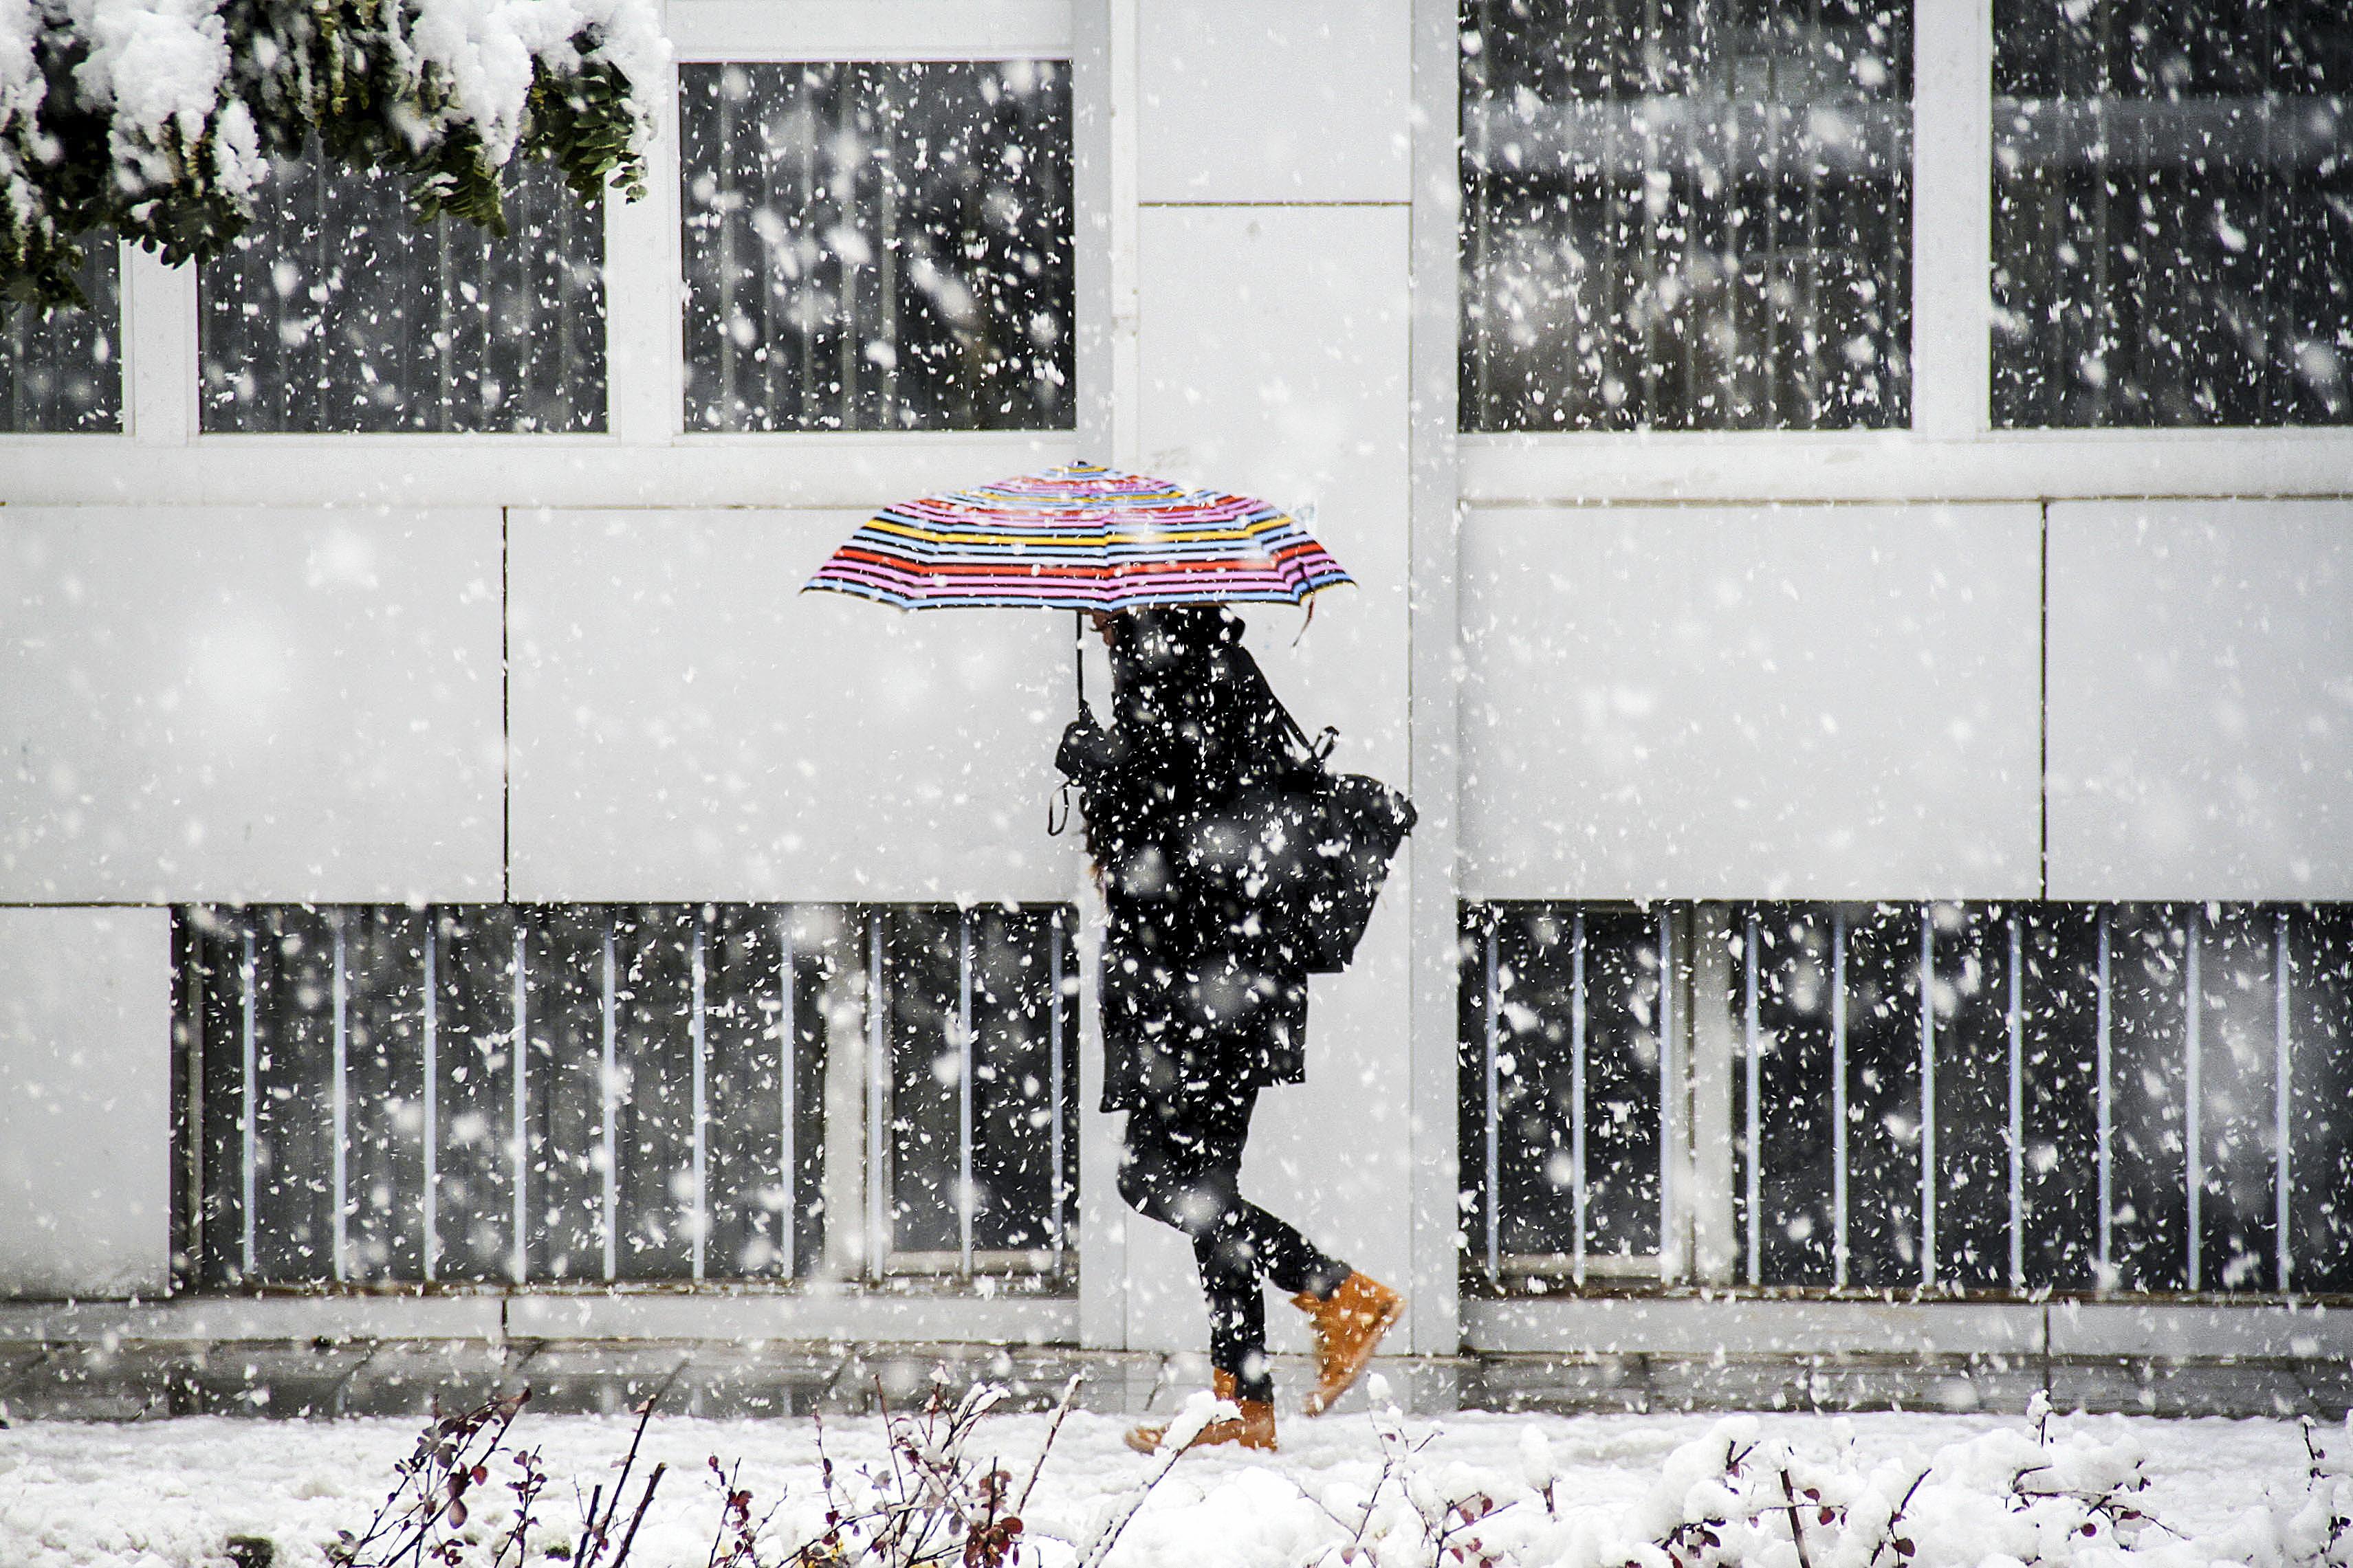 Informare meteo de ploi, ninsori şi intensificări ale vântului, valabilă până duminică seara, în toată ţara. Izolat, cantităţile de apă vor depăşi 35 l/mp / Zonele unde va ninge